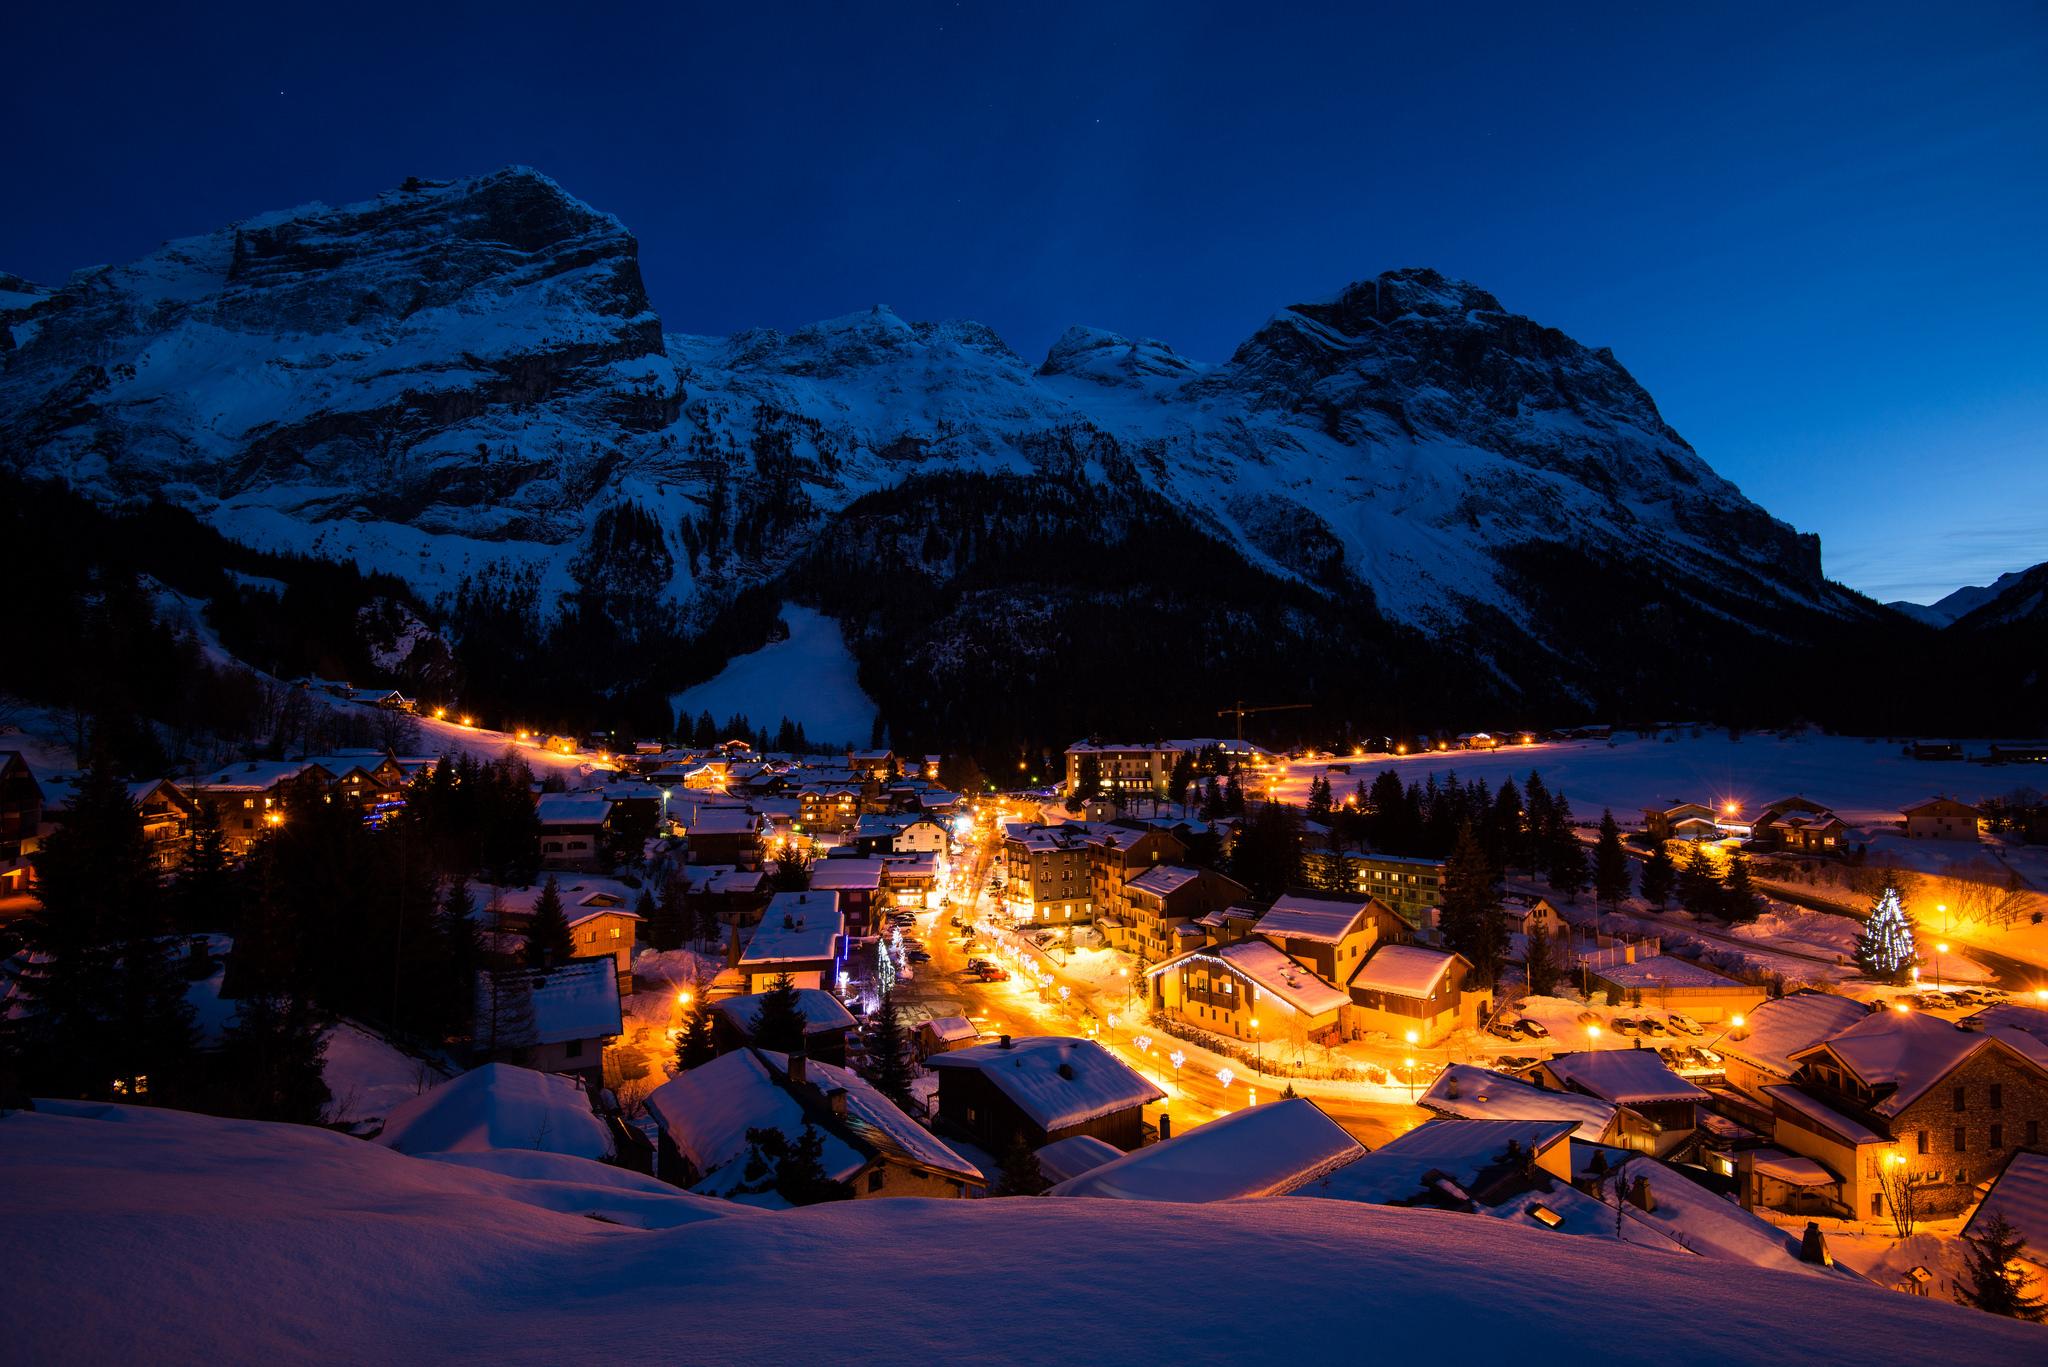 parc national de la vanoise 10 удивительных фотографий гор, доказывающих, насколько они красивы